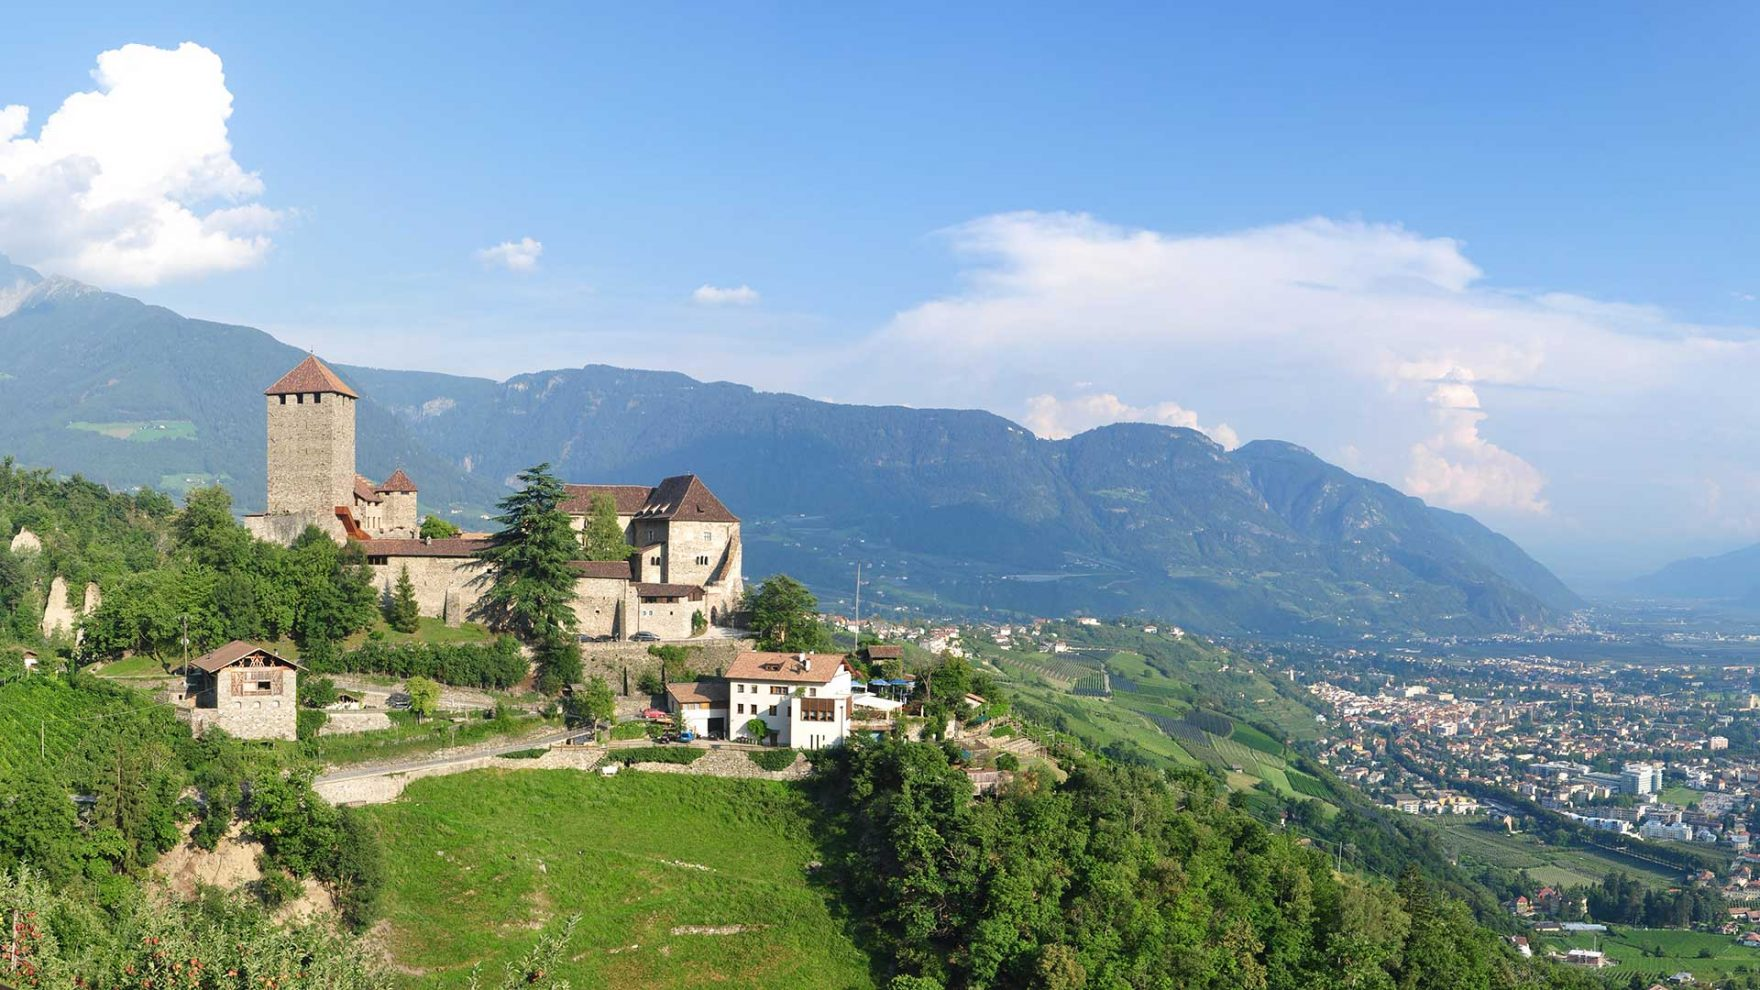 Blick zum Schloss Tirol